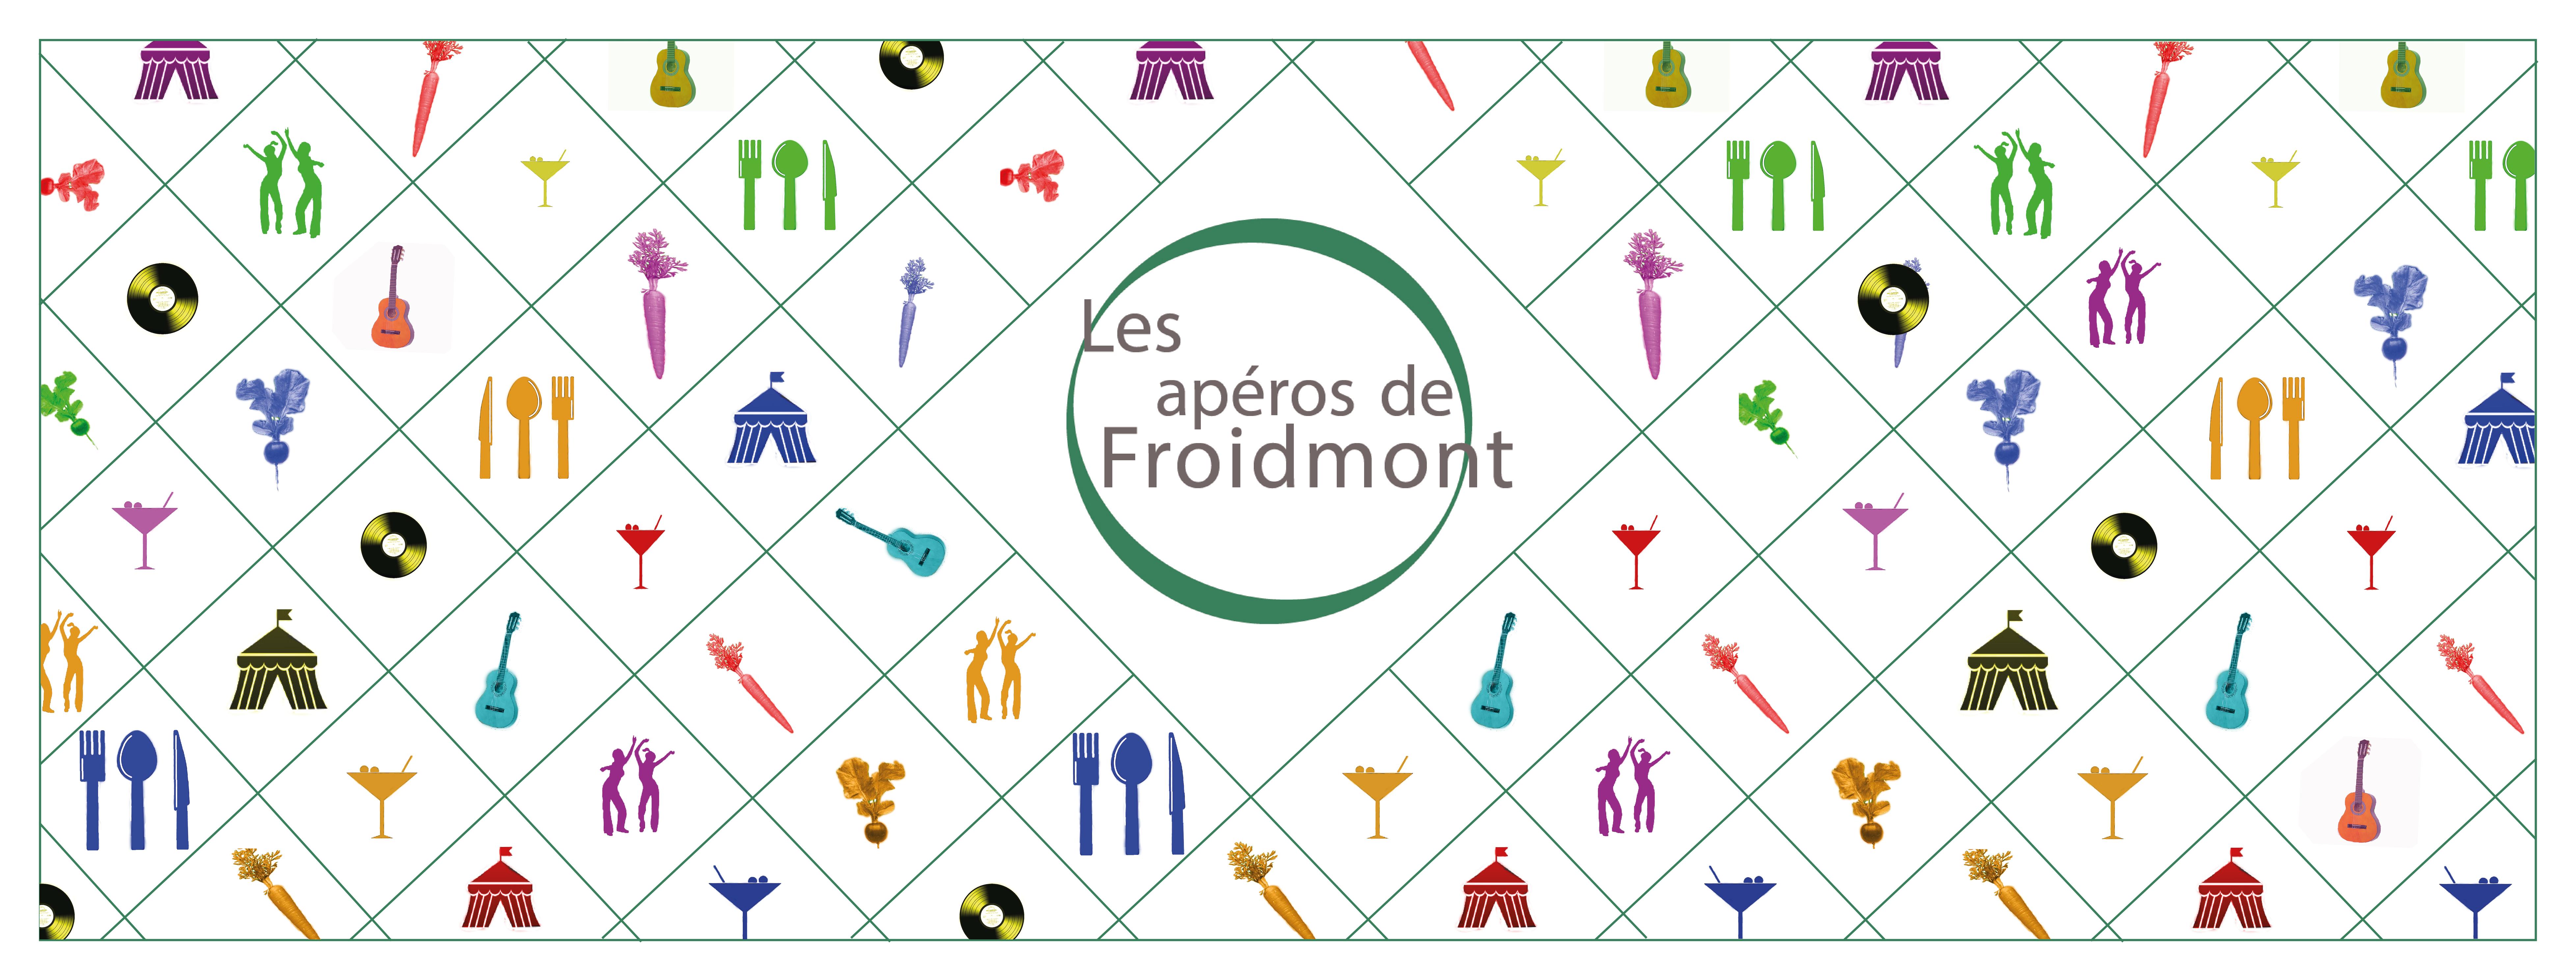 Apéro de Froidmont #31